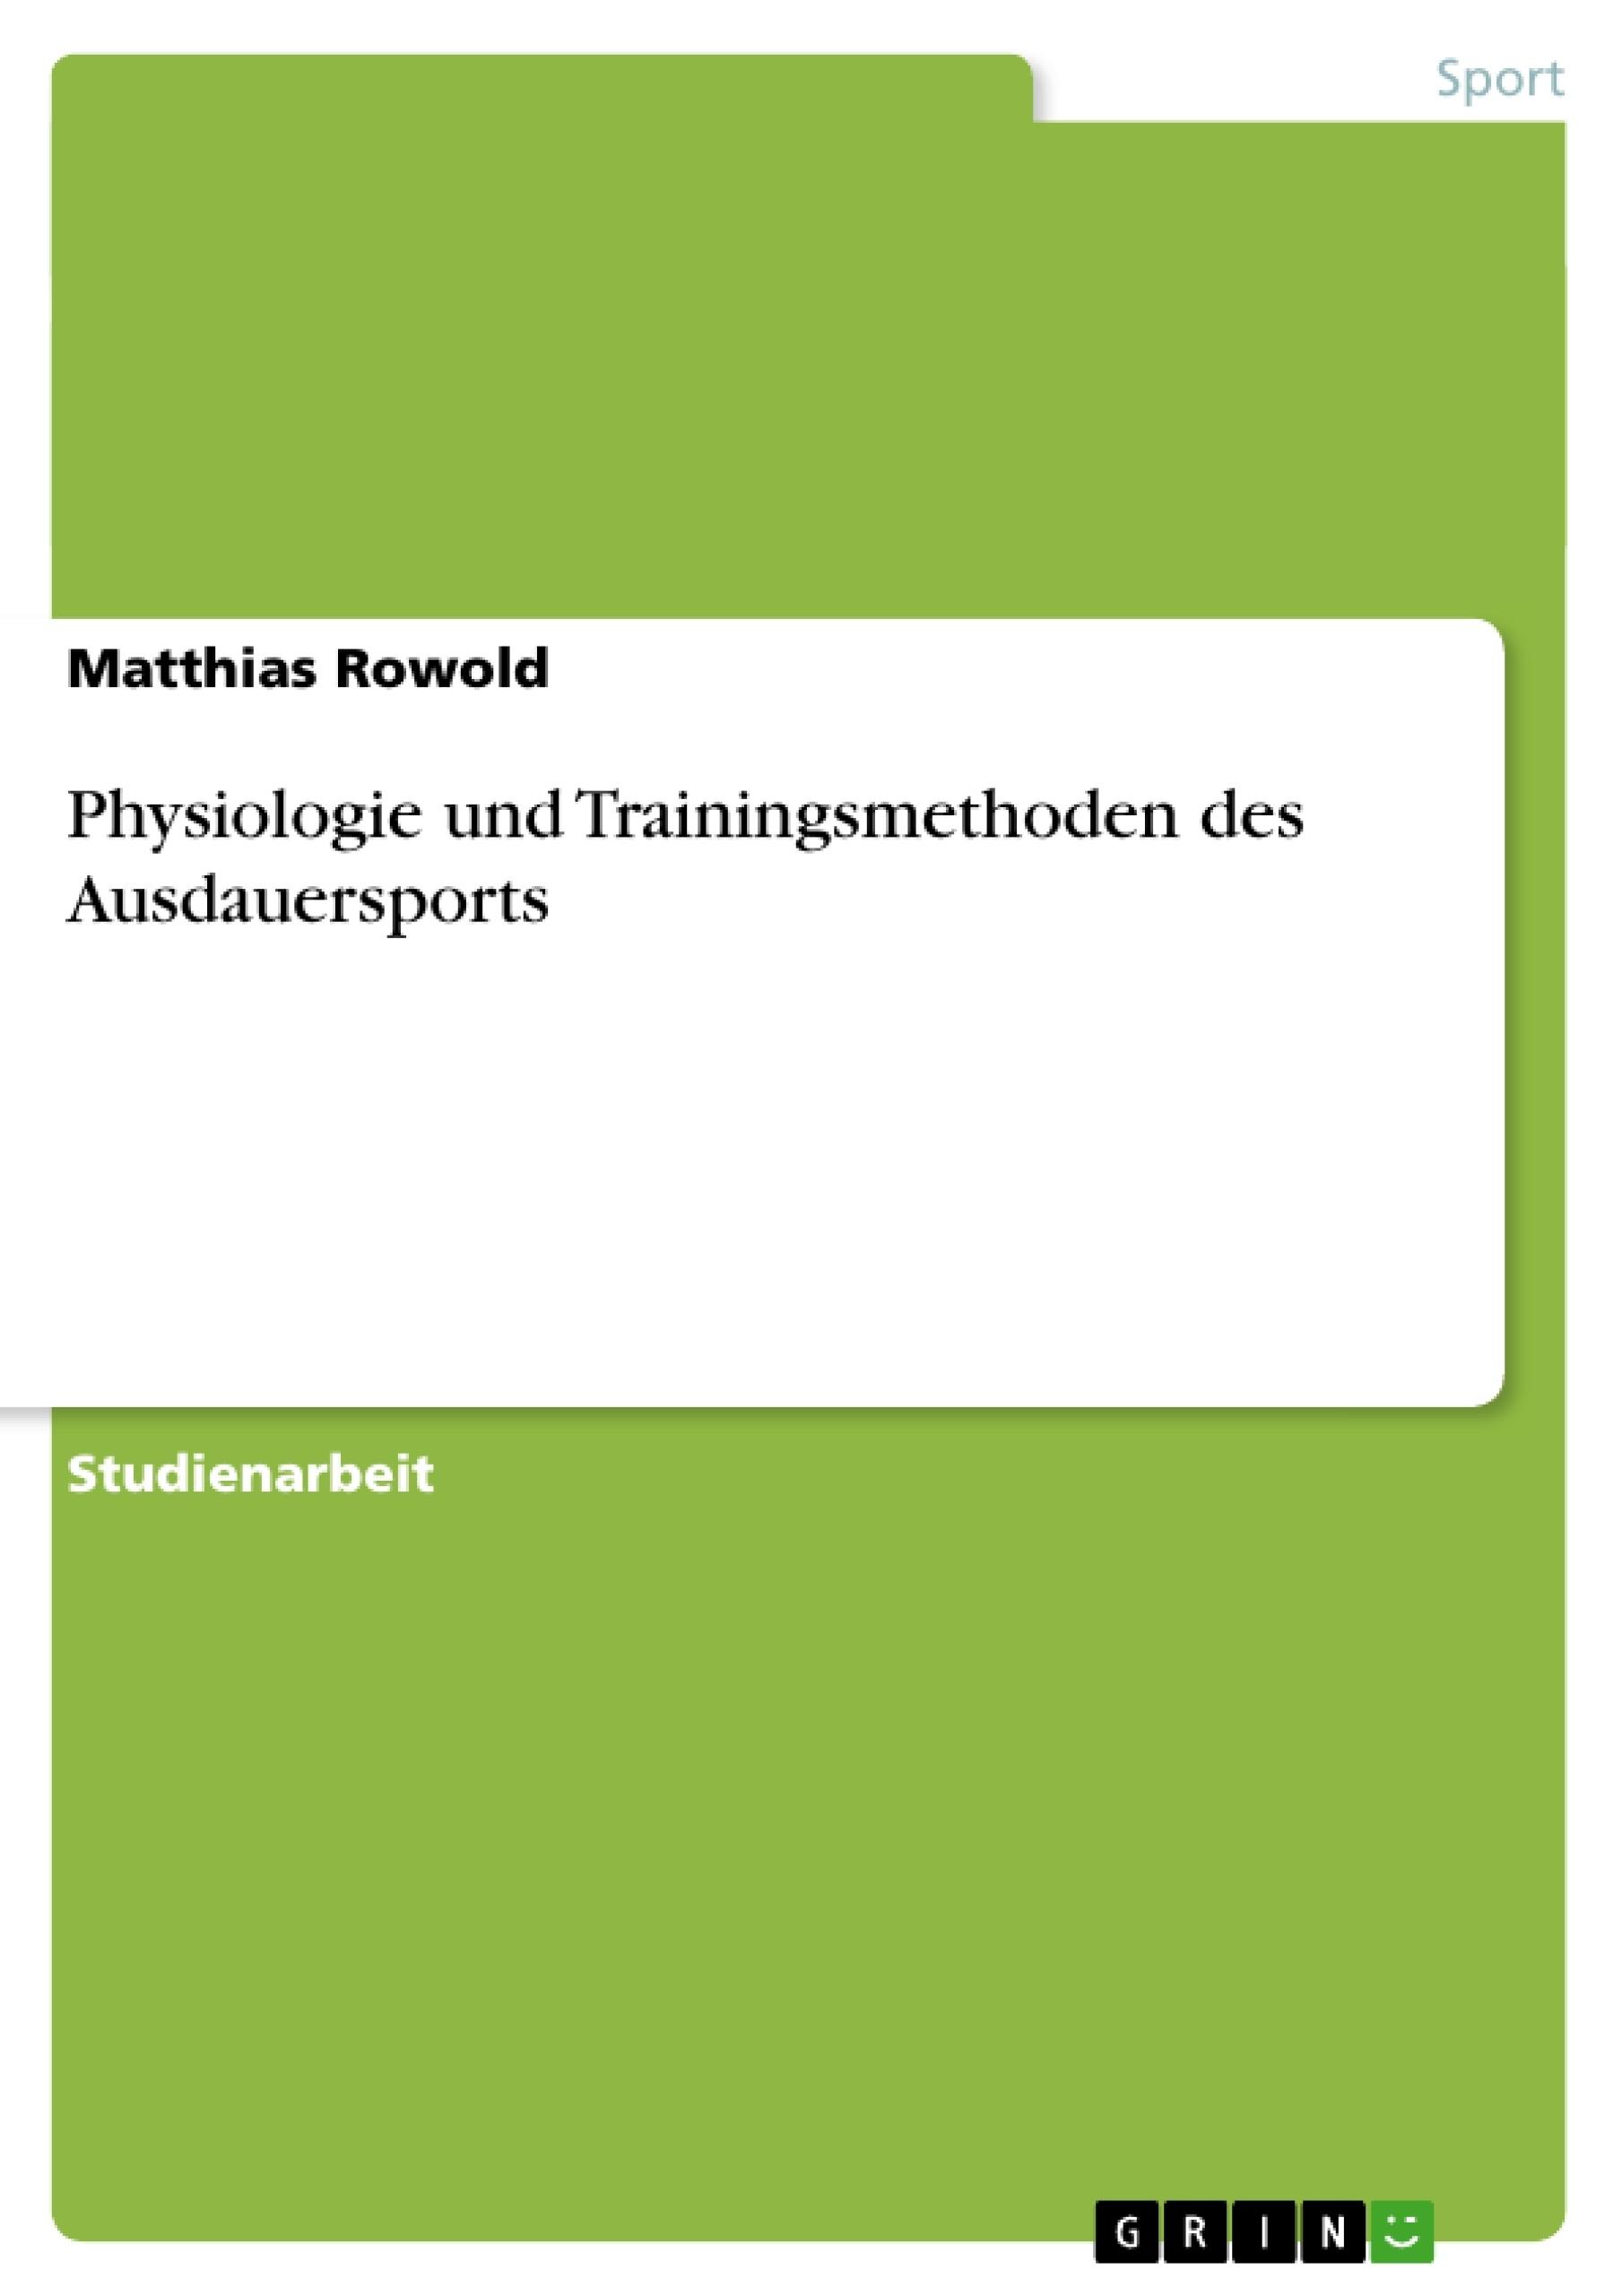 Titel: Physiologie und Trainingsmethoden des Ausdauersports